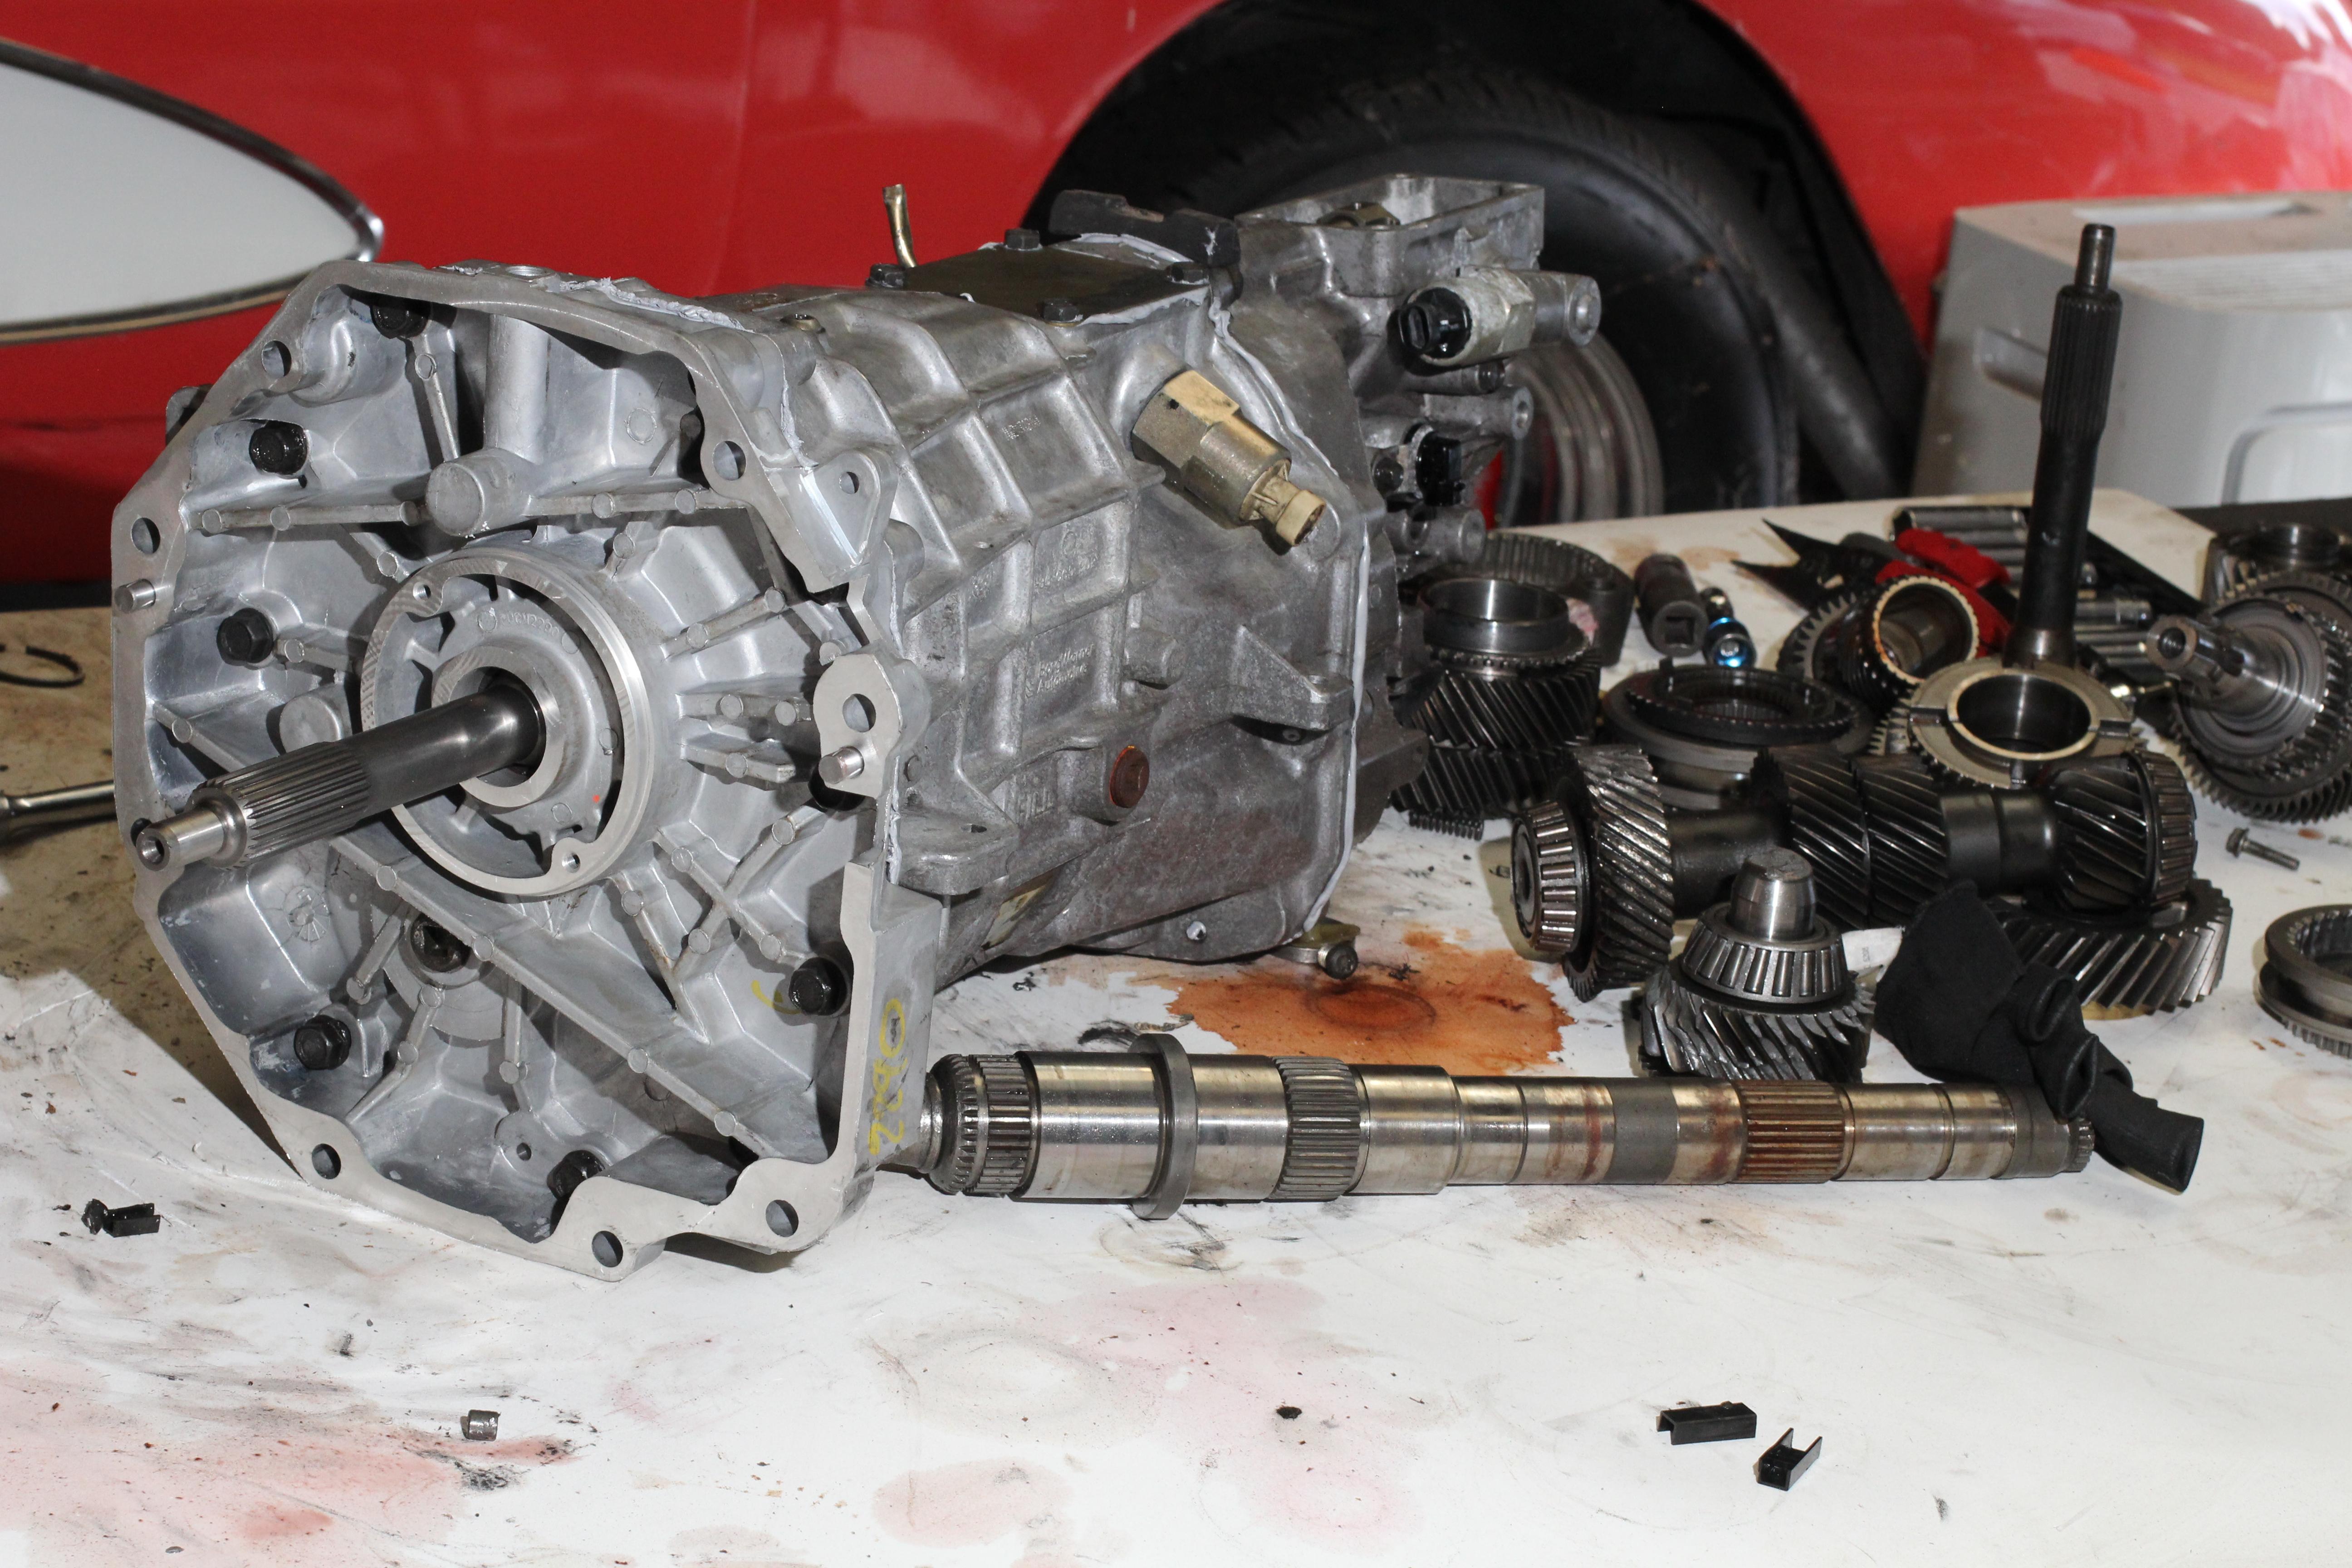 bangshift com t56 rh bangshift com c5 corvette manual transmission rebuild c5  corvette manual transmission rebuild cost